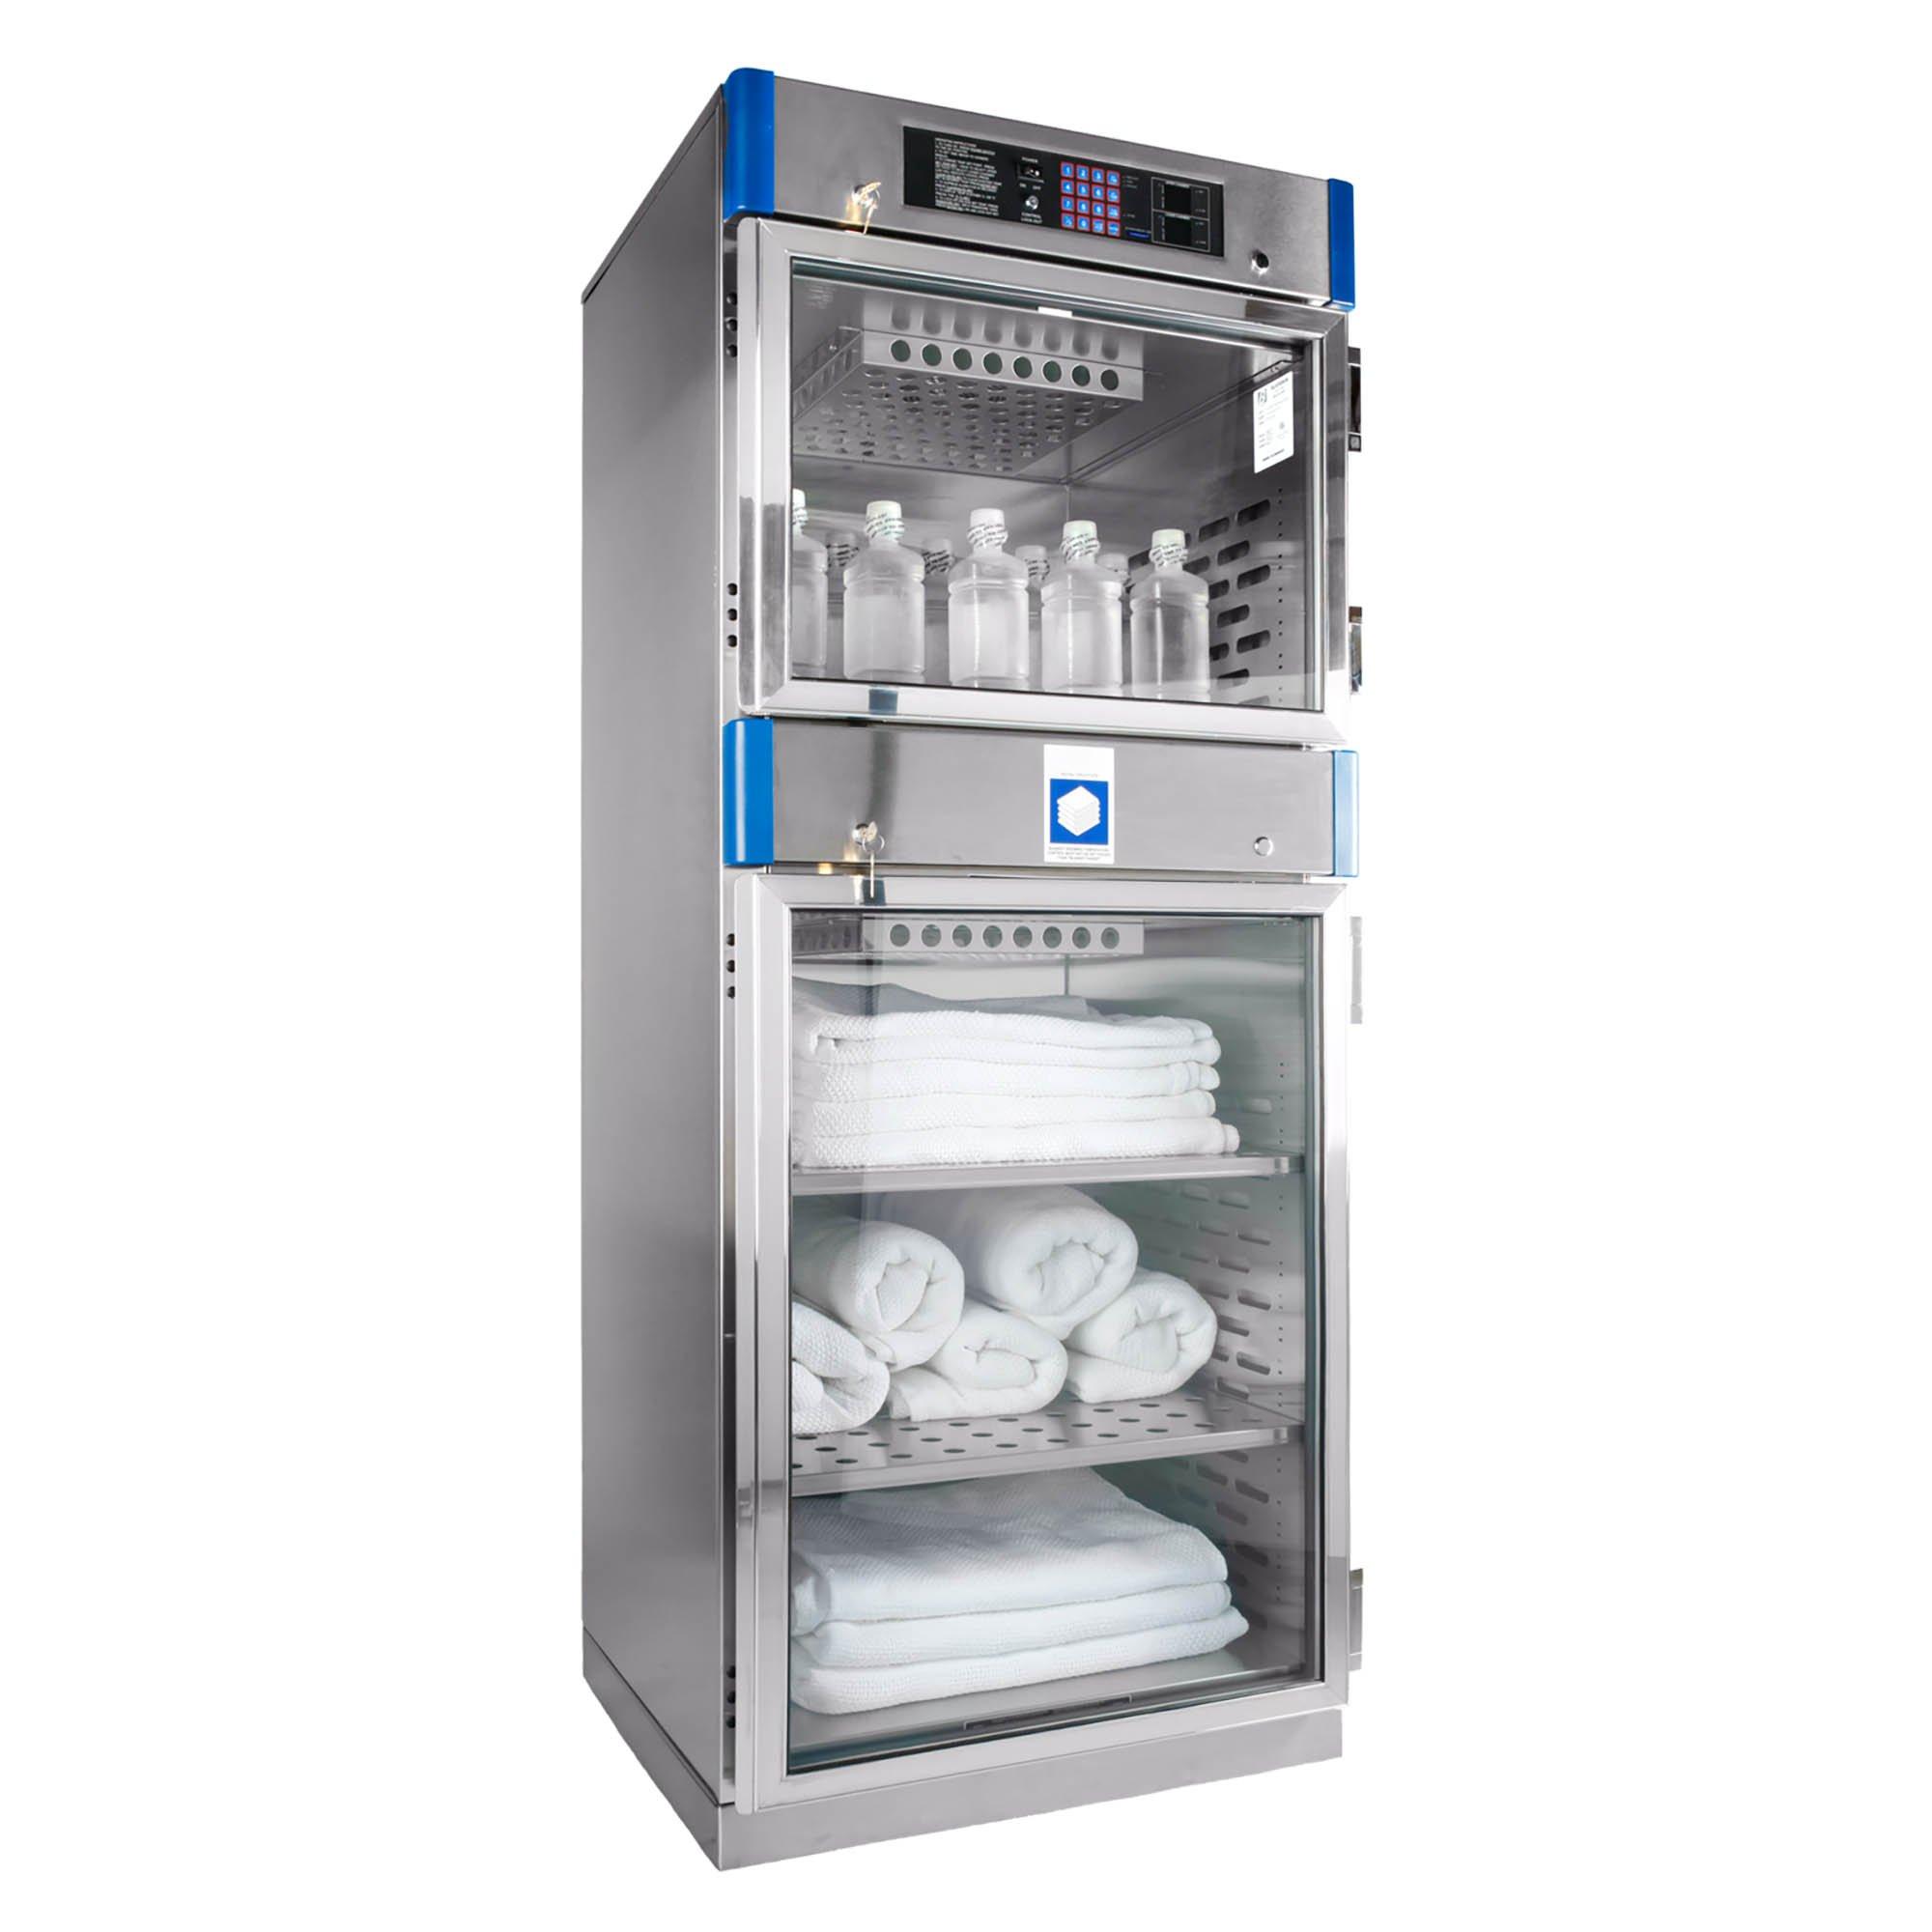 Blickman Warming Cabinets - Double Glass Door - 74 1/2